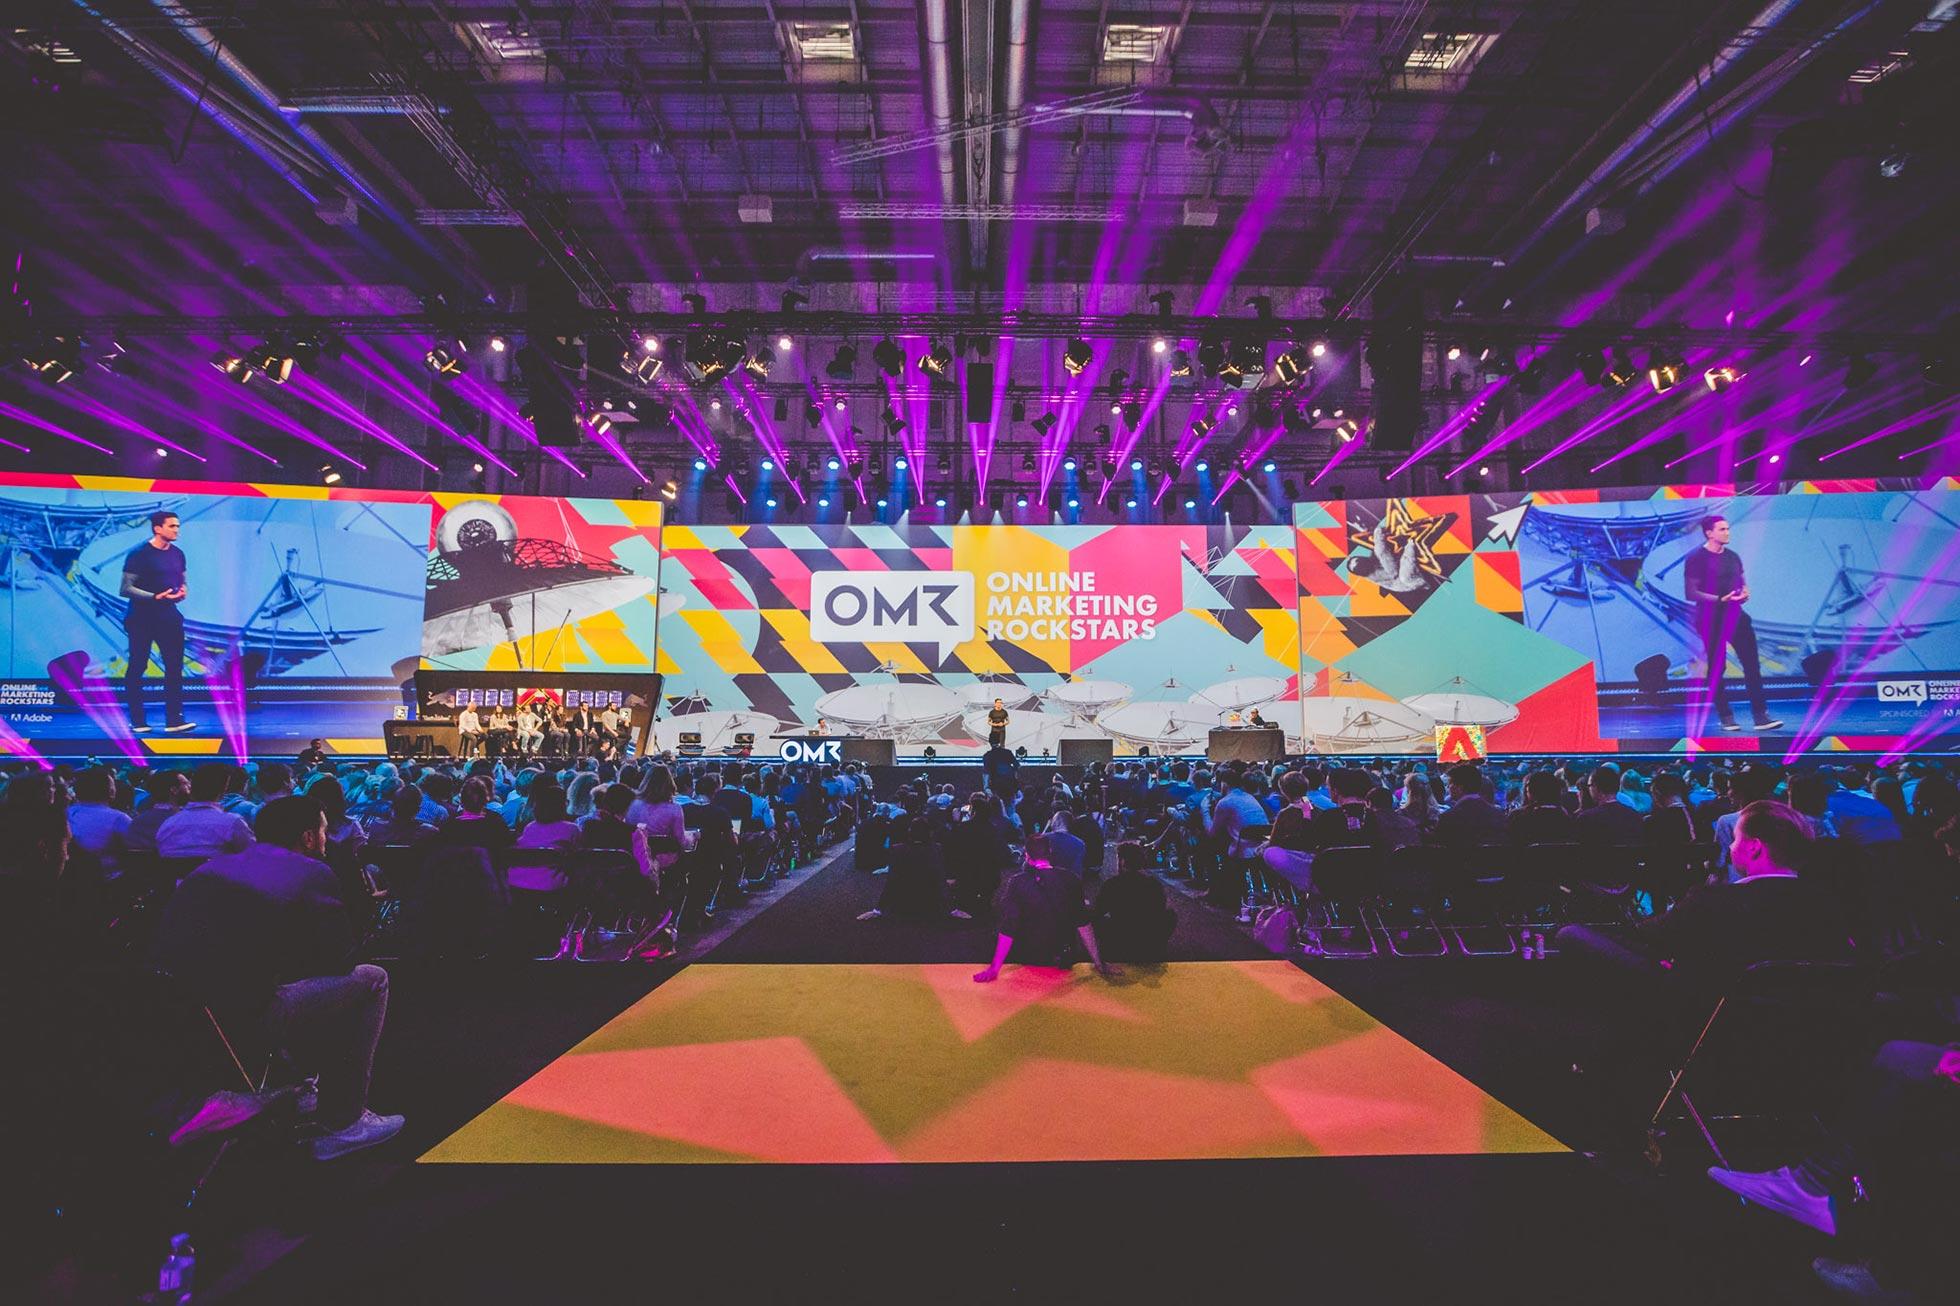 Online Marketing Rockstars ile Almanya Pazarını ve Dijital Pazarlamanın Geleceğini Konuştuk